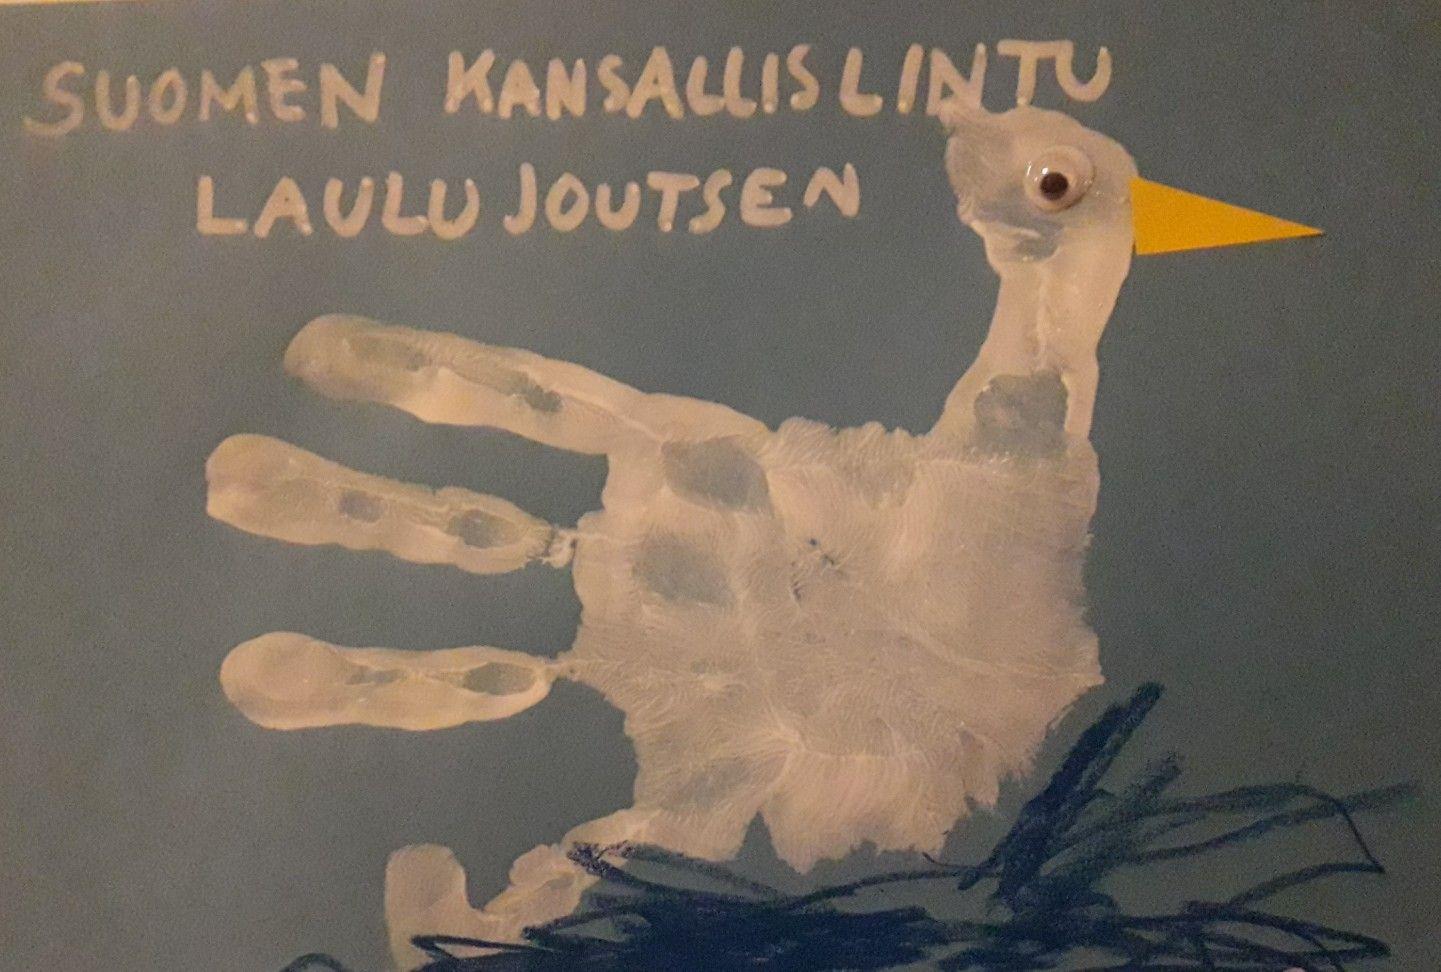 Suomen Kansallislintu